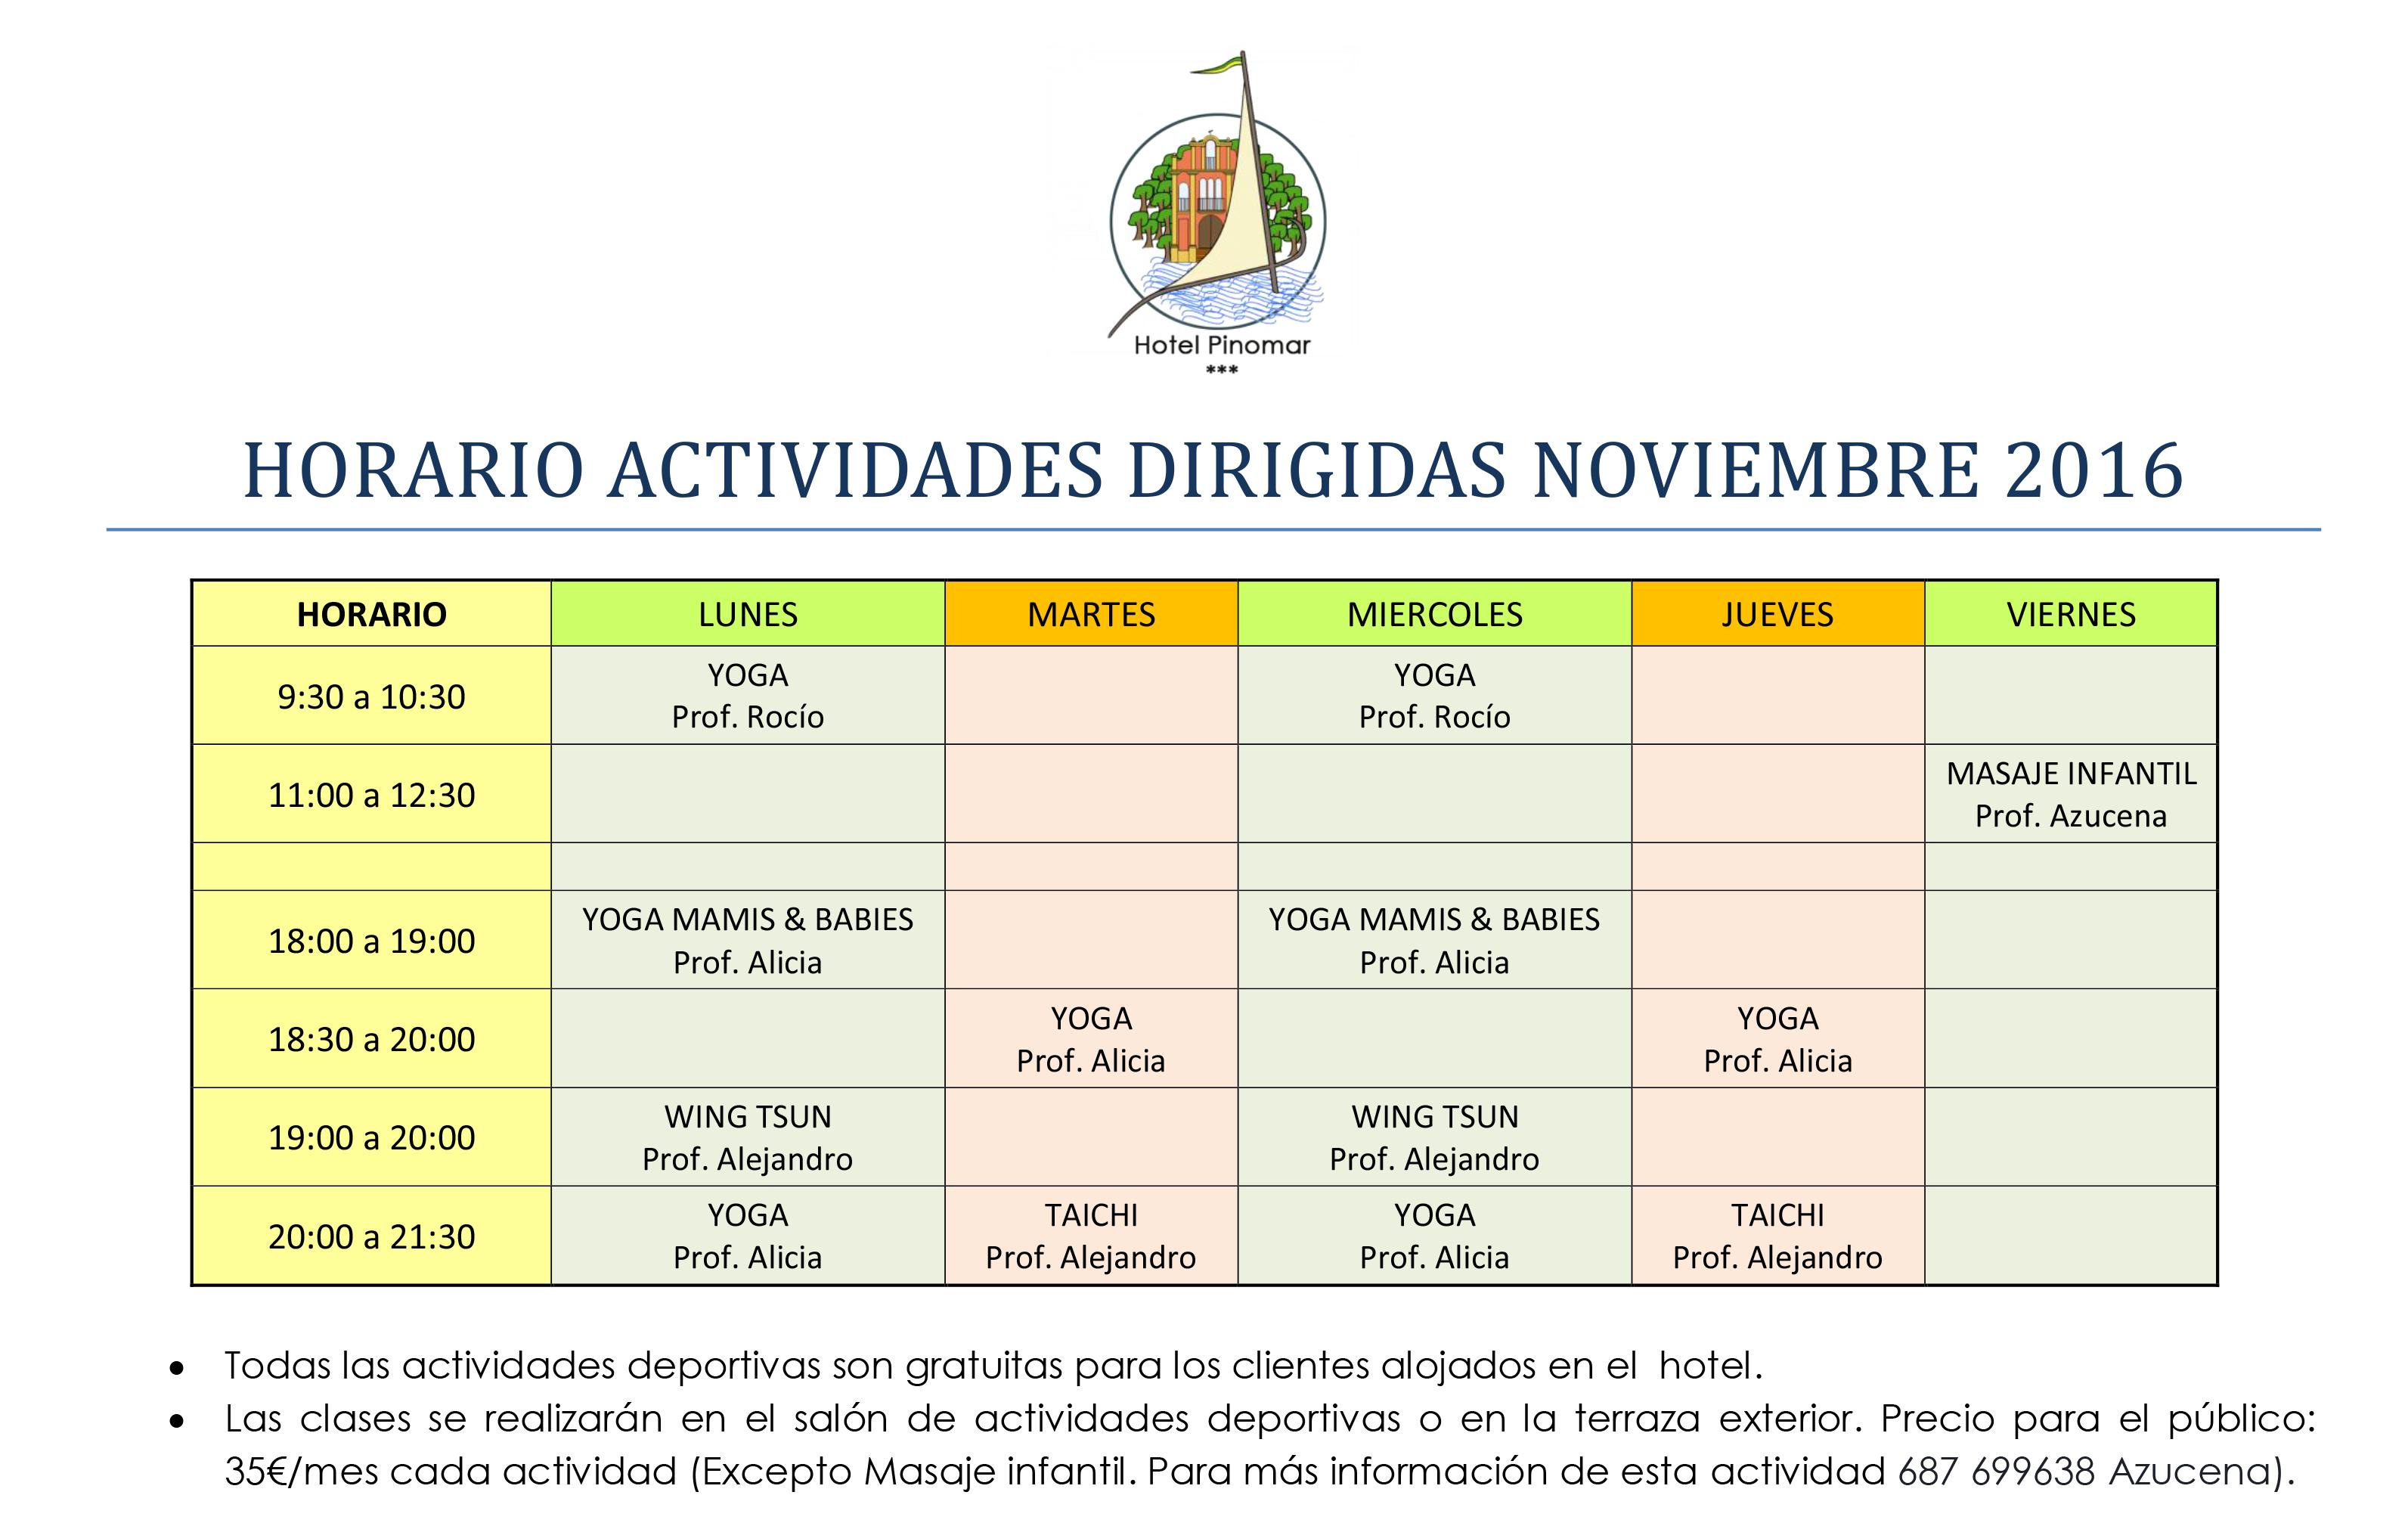 horario-actividades-dirigidas-noviembre-2016